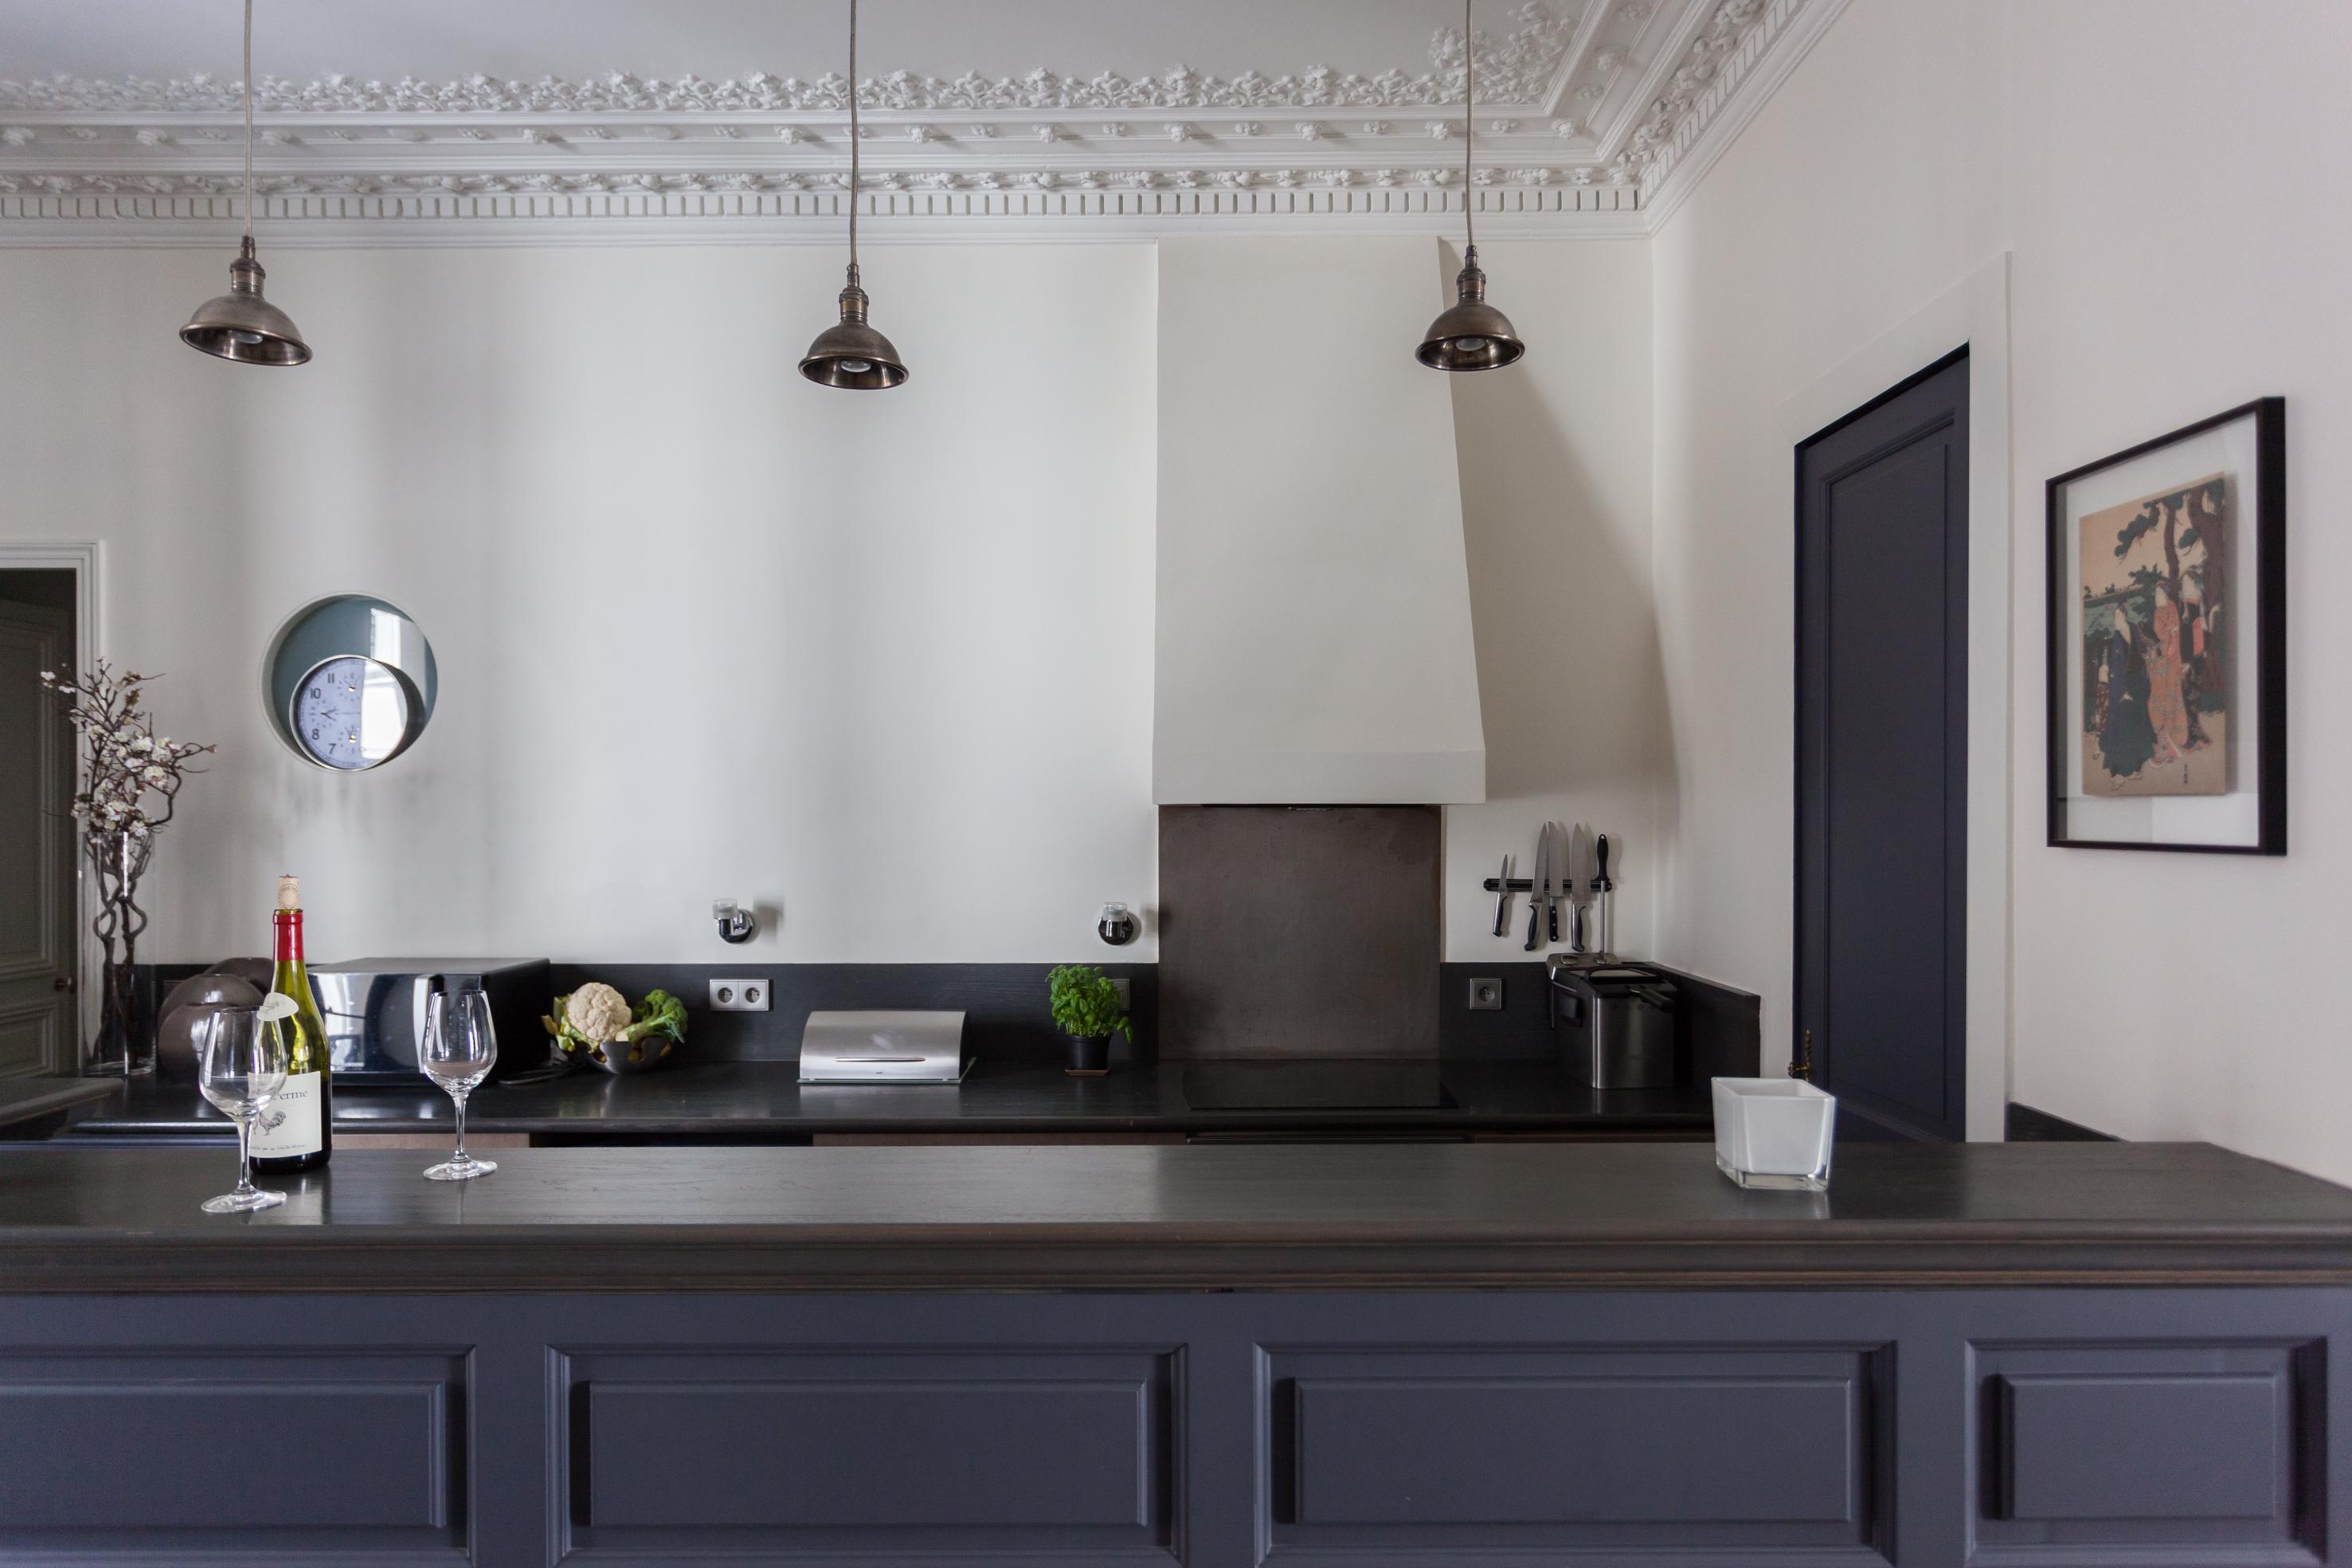 кухня синие фасады темная столешница белые стены кухонный остров вытяжка купол потолочные молдинги лепнина